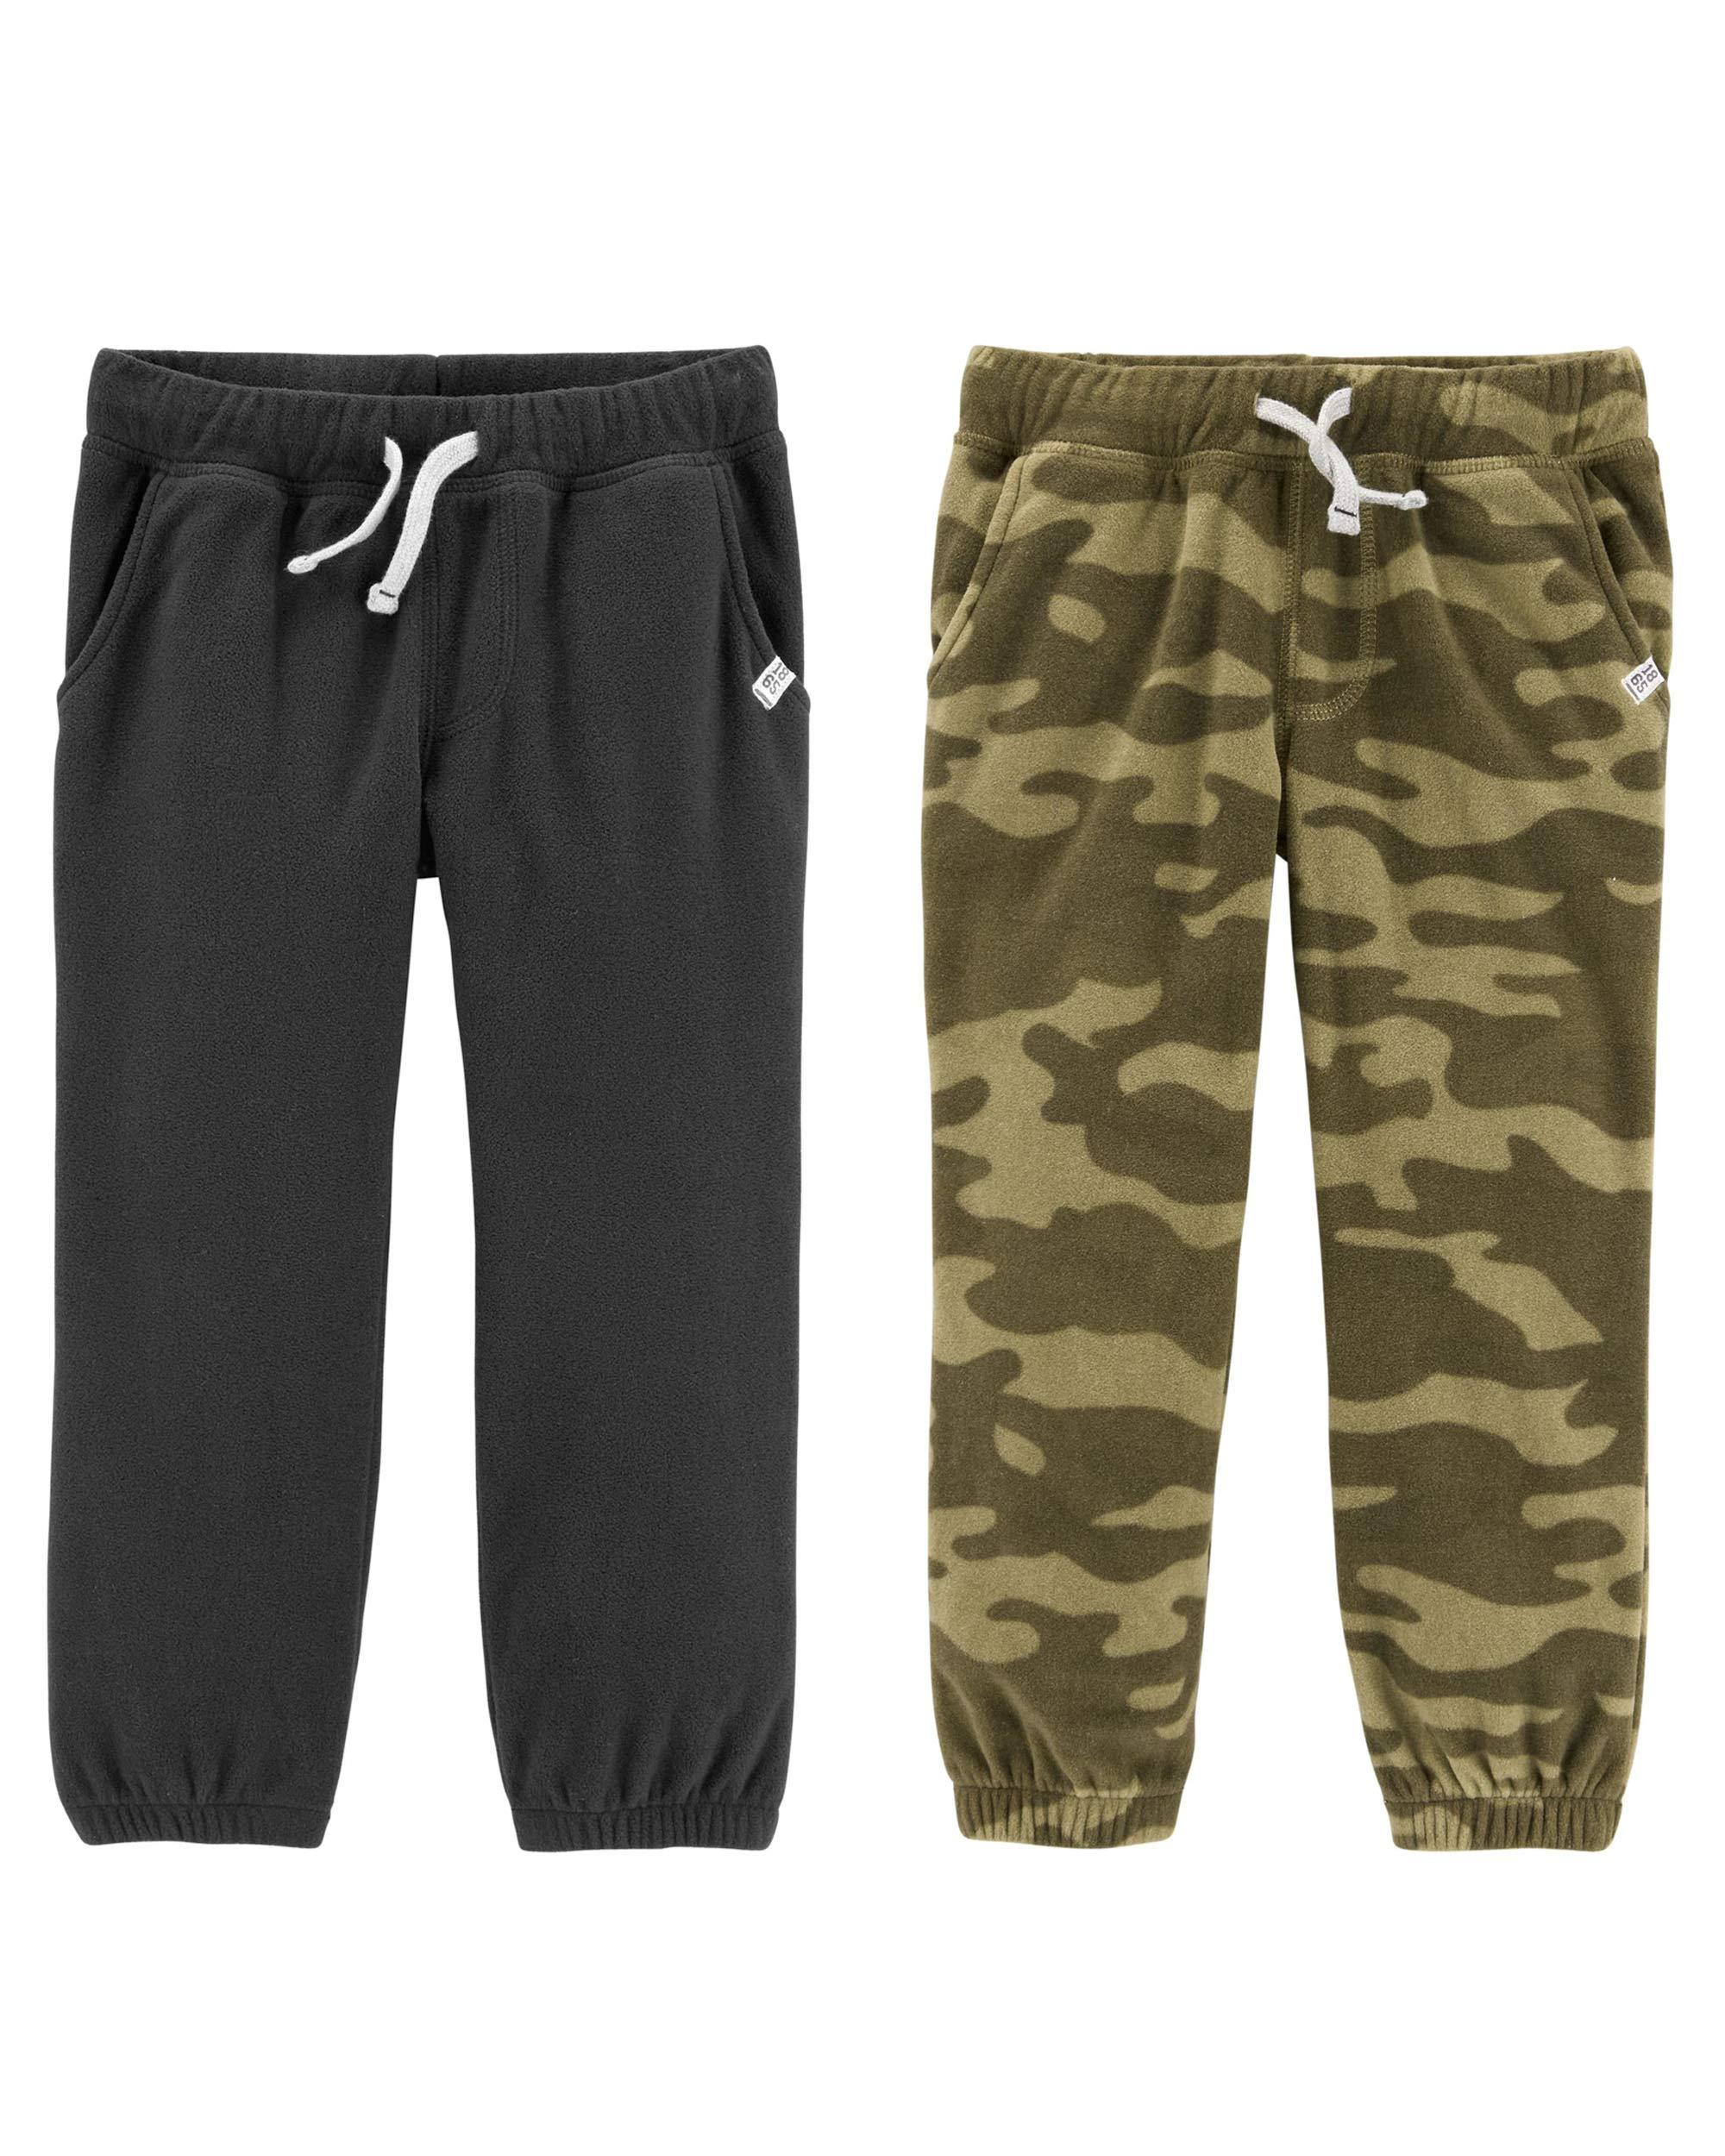 Carter's 卡特男童 2T-8 保暖羊毛运动裤,2 件装